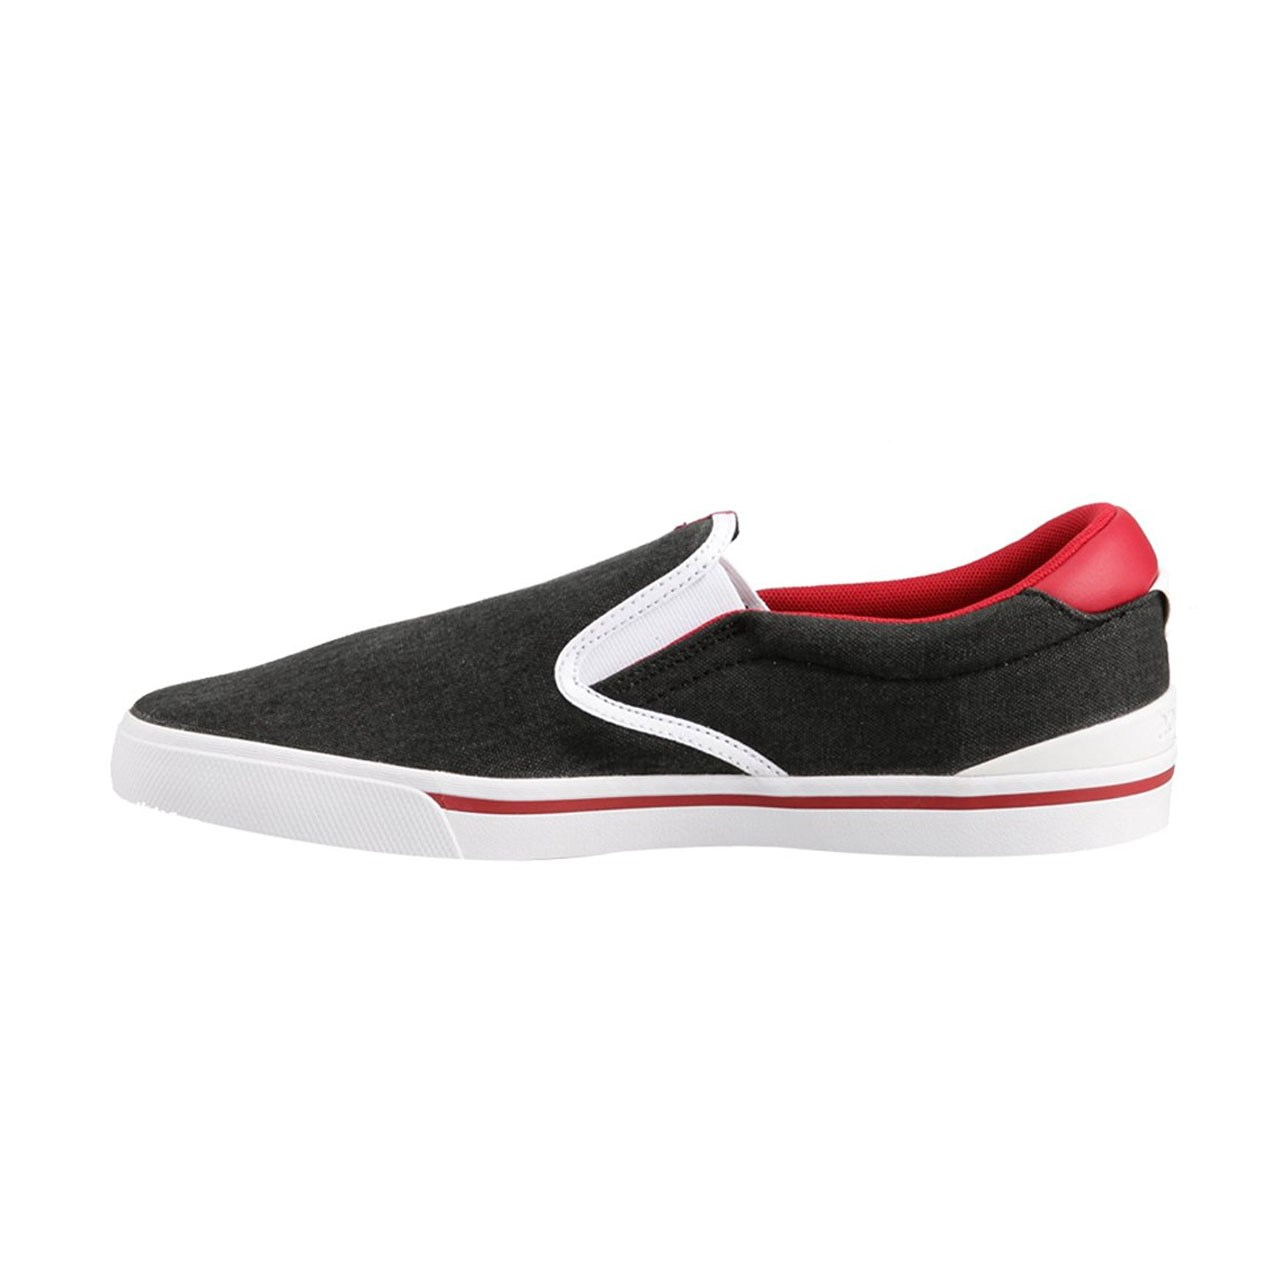 کفش راحتی مردانه آدیداس مدل Slip-On